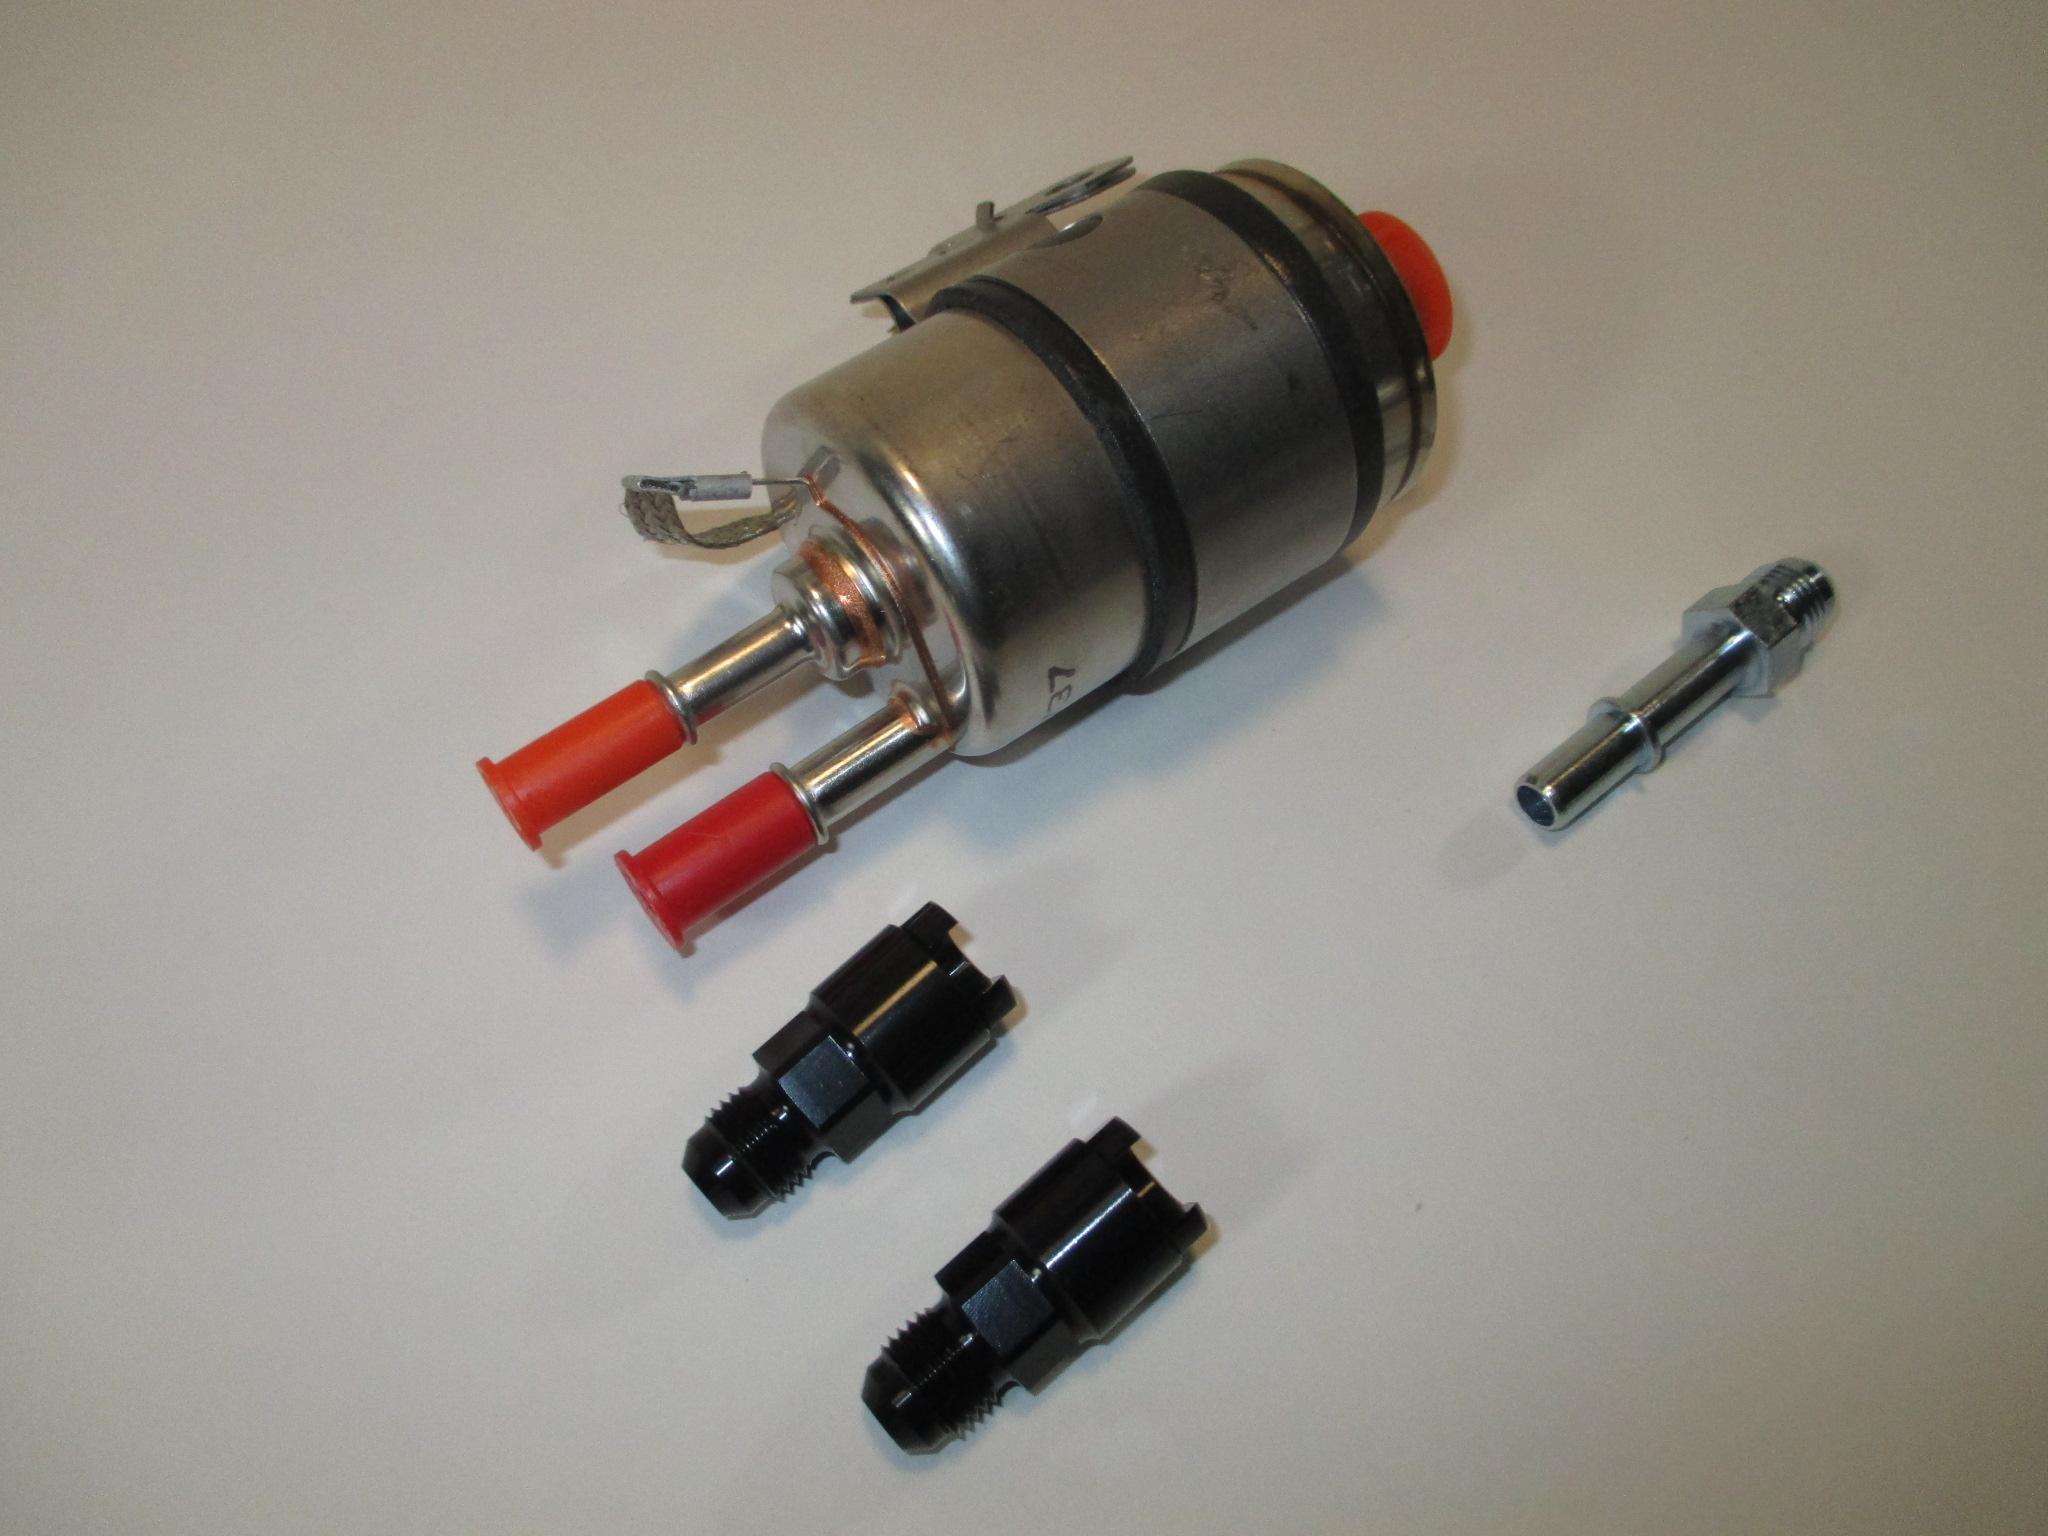 LS1 Fuel Filter Regulator Kit Engine Swap For Returnless Fuel Rails